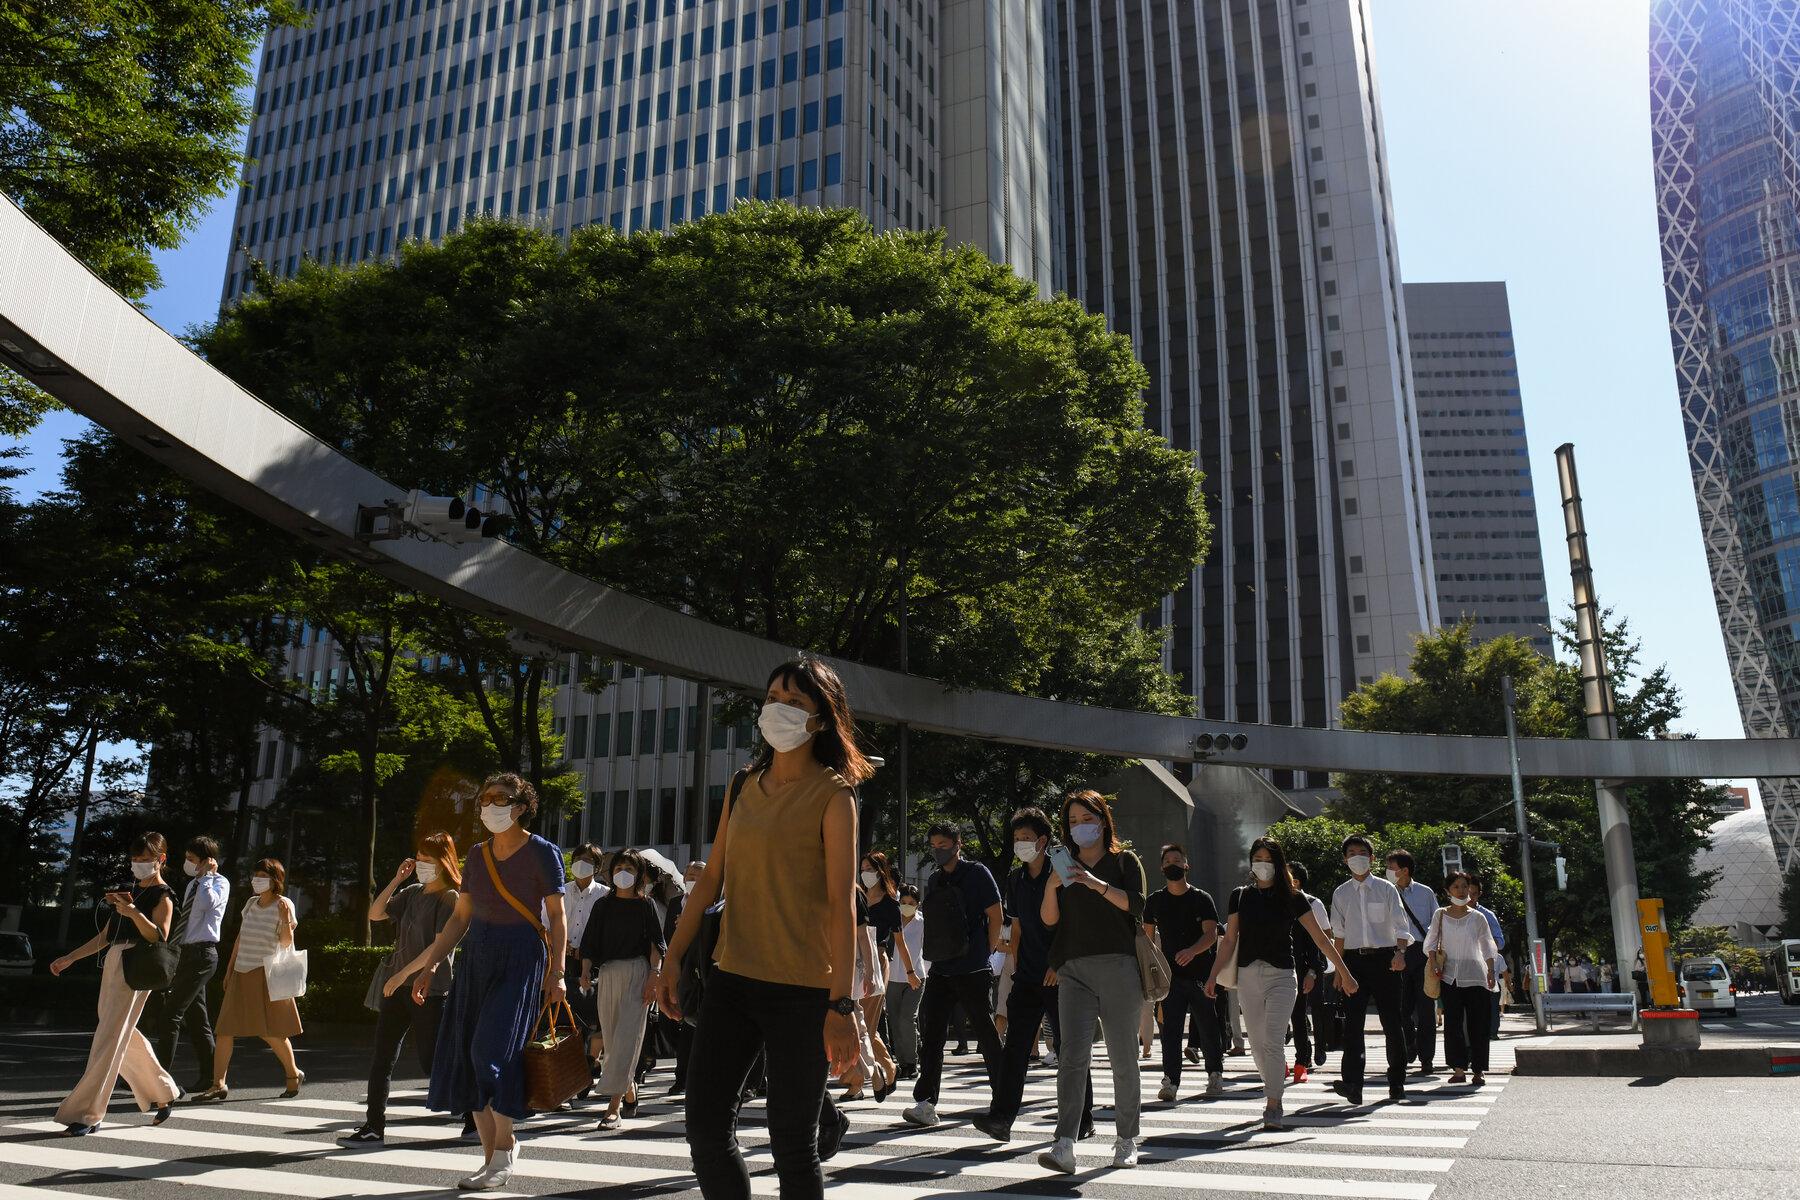 जापानमा साइड जब गर्नेको संख्या बढेर ८० लाख पुग्यो